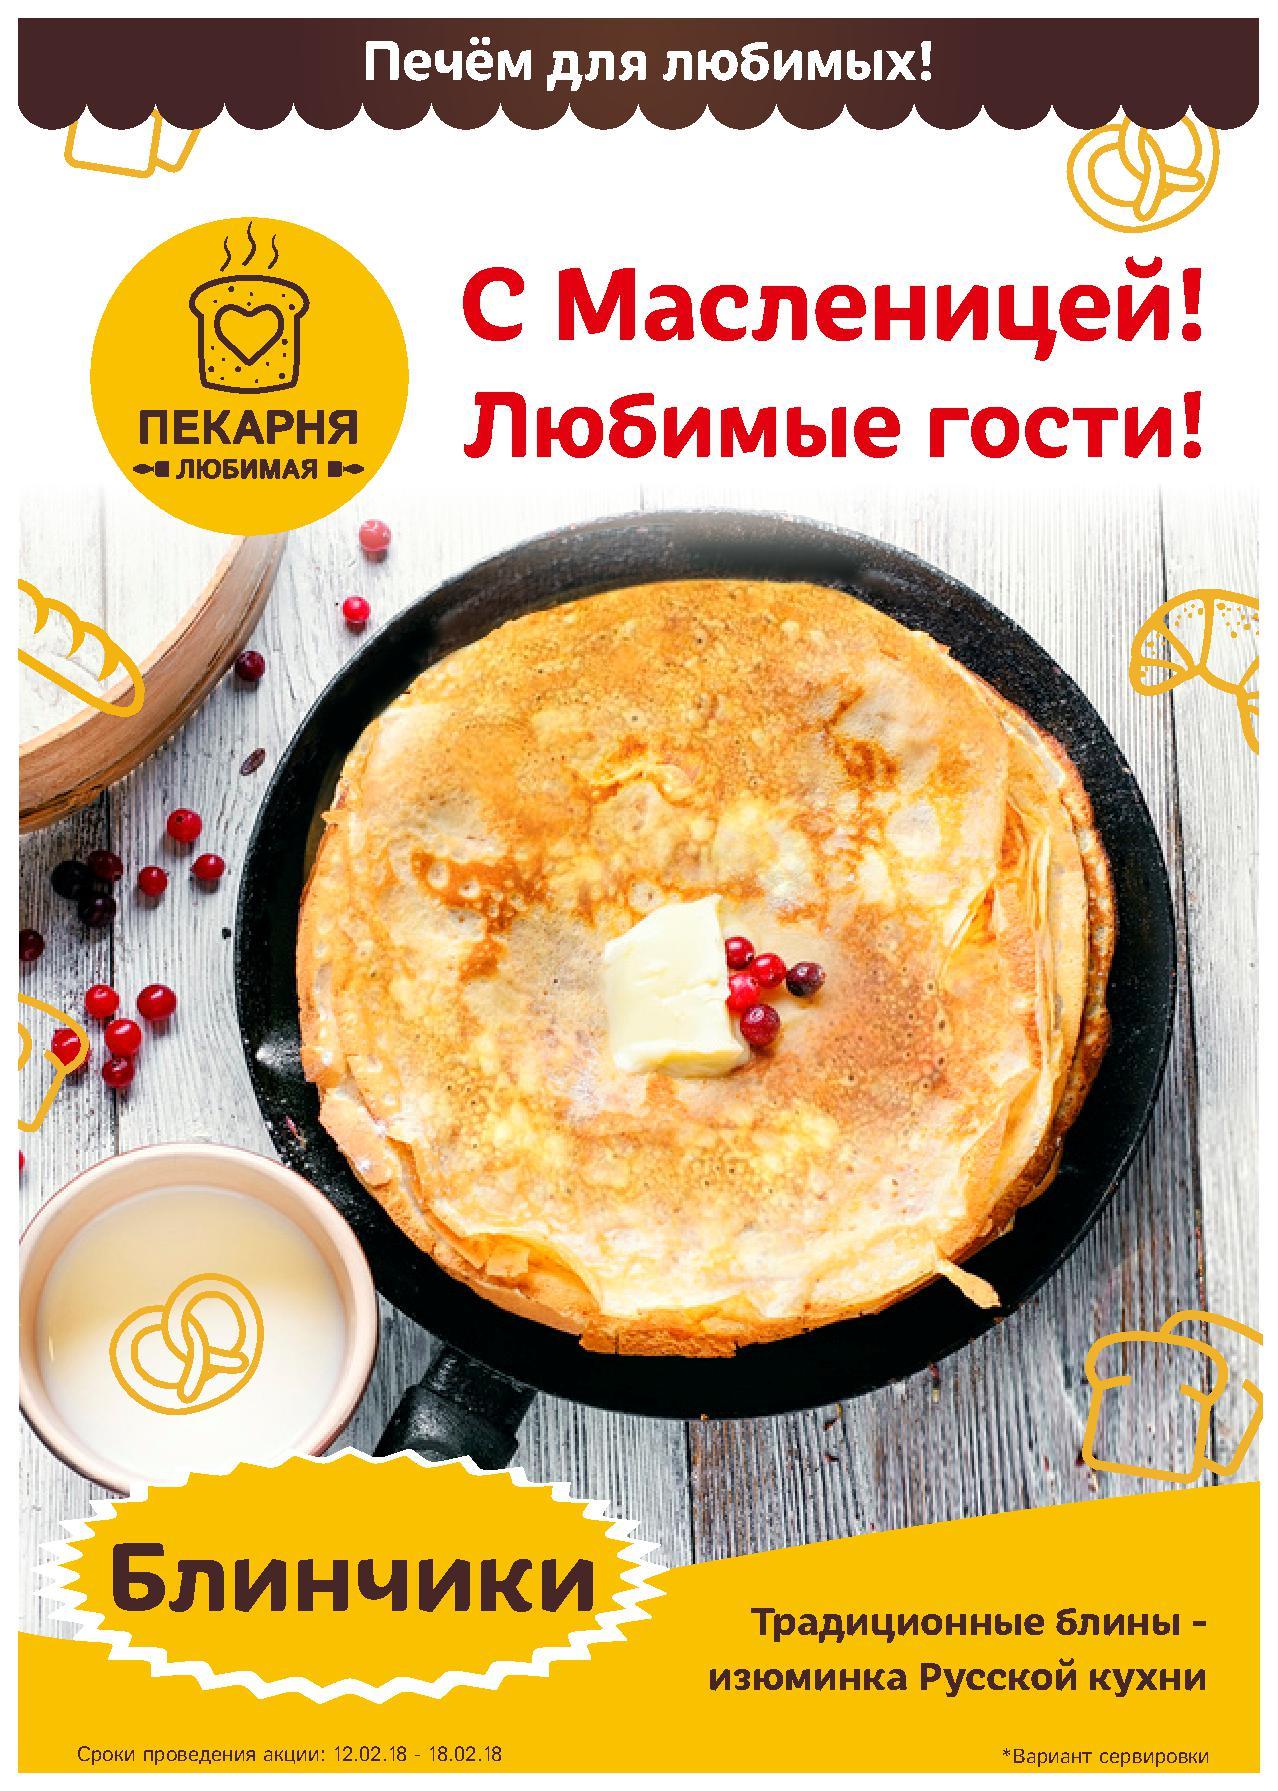 c7025ce3654d Масленица в Любимой пекарне   Любимая пекарня   свежая выпечка   пироги на  заказ   Йошкар-Ола